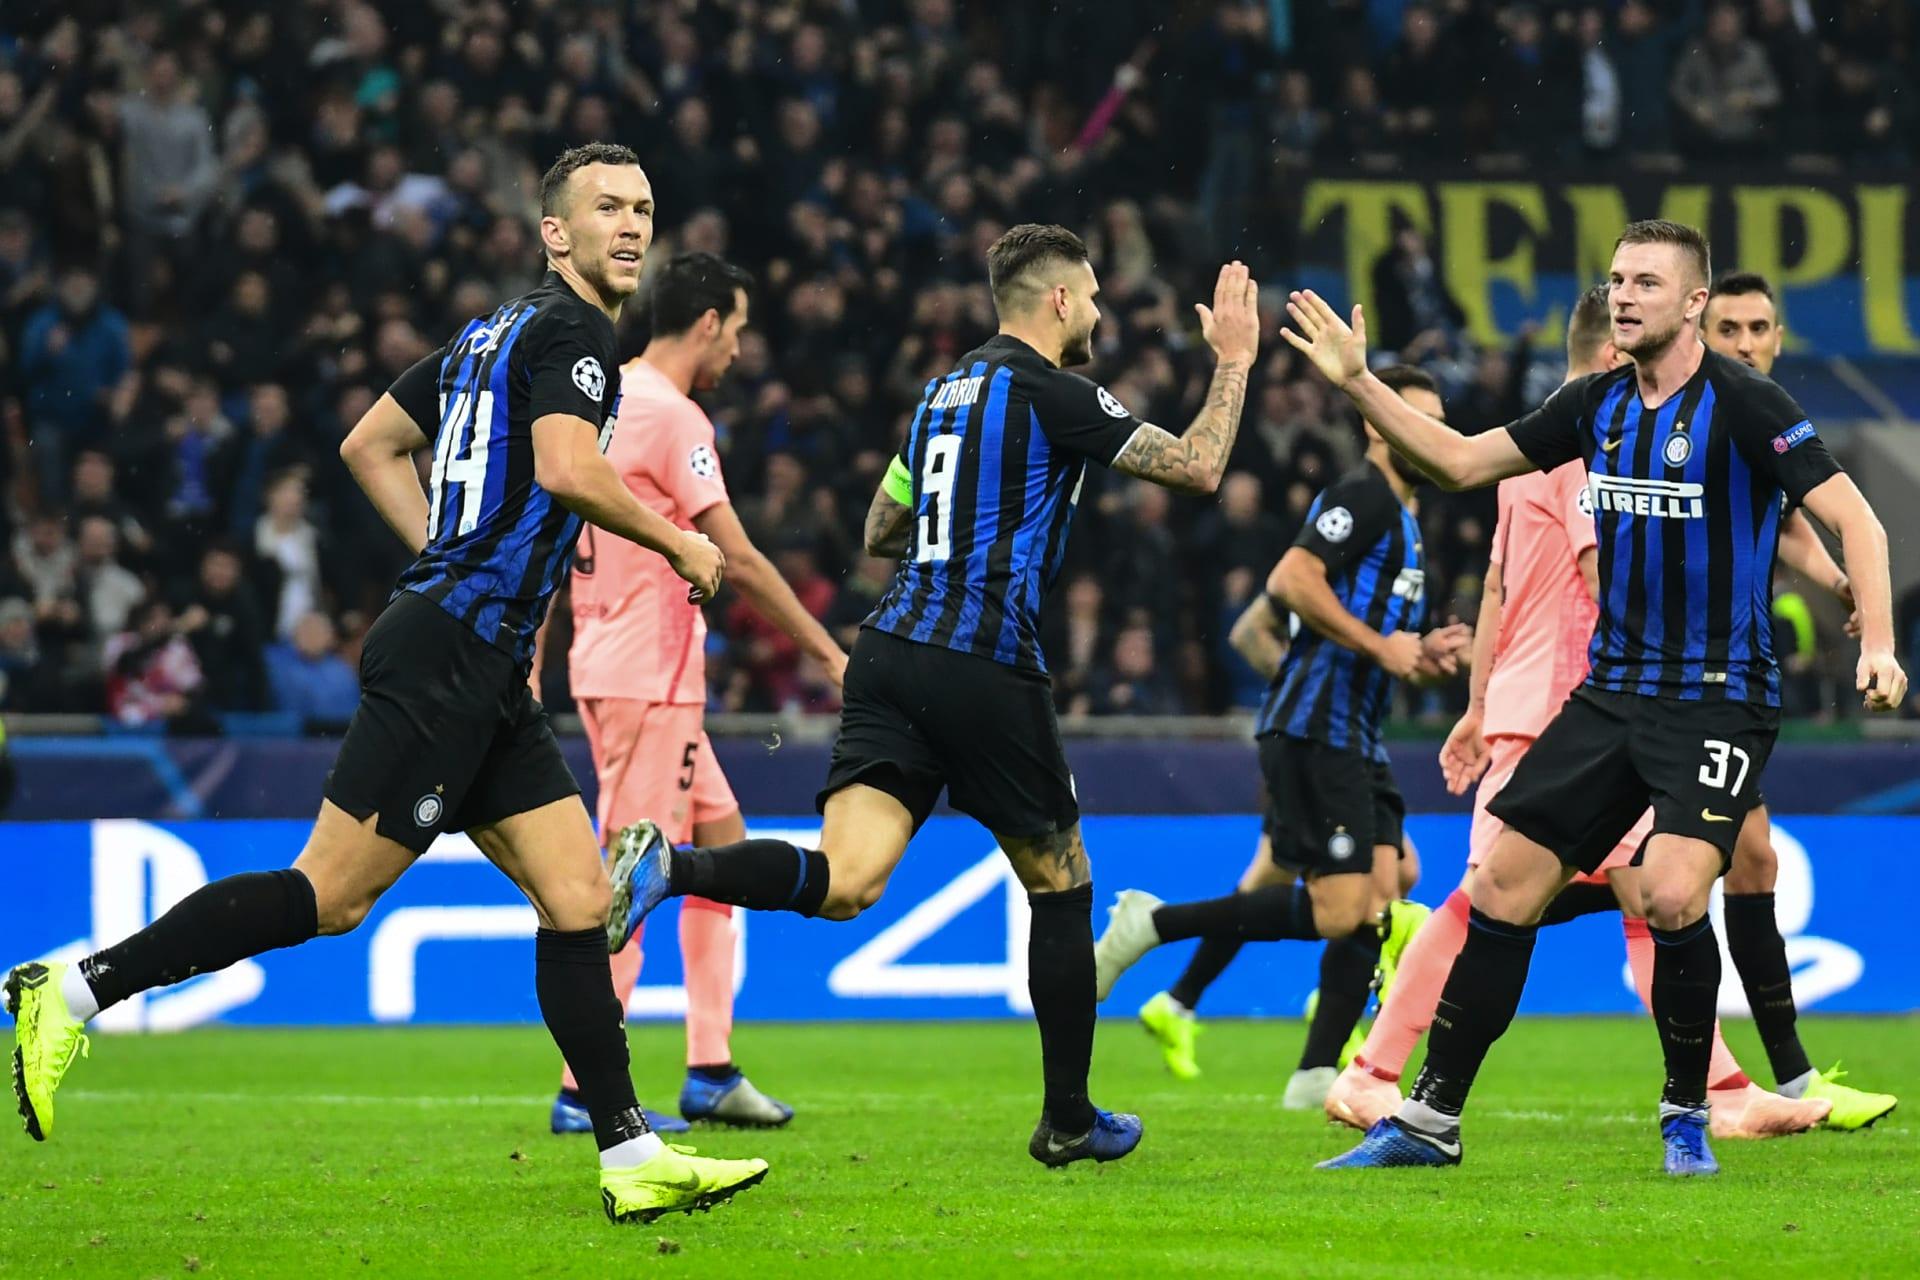 """إنتر ميلان يخطف تعادلا """"قاتلا"""" من برشلونة ويحرمه من ضمان التأهل"""